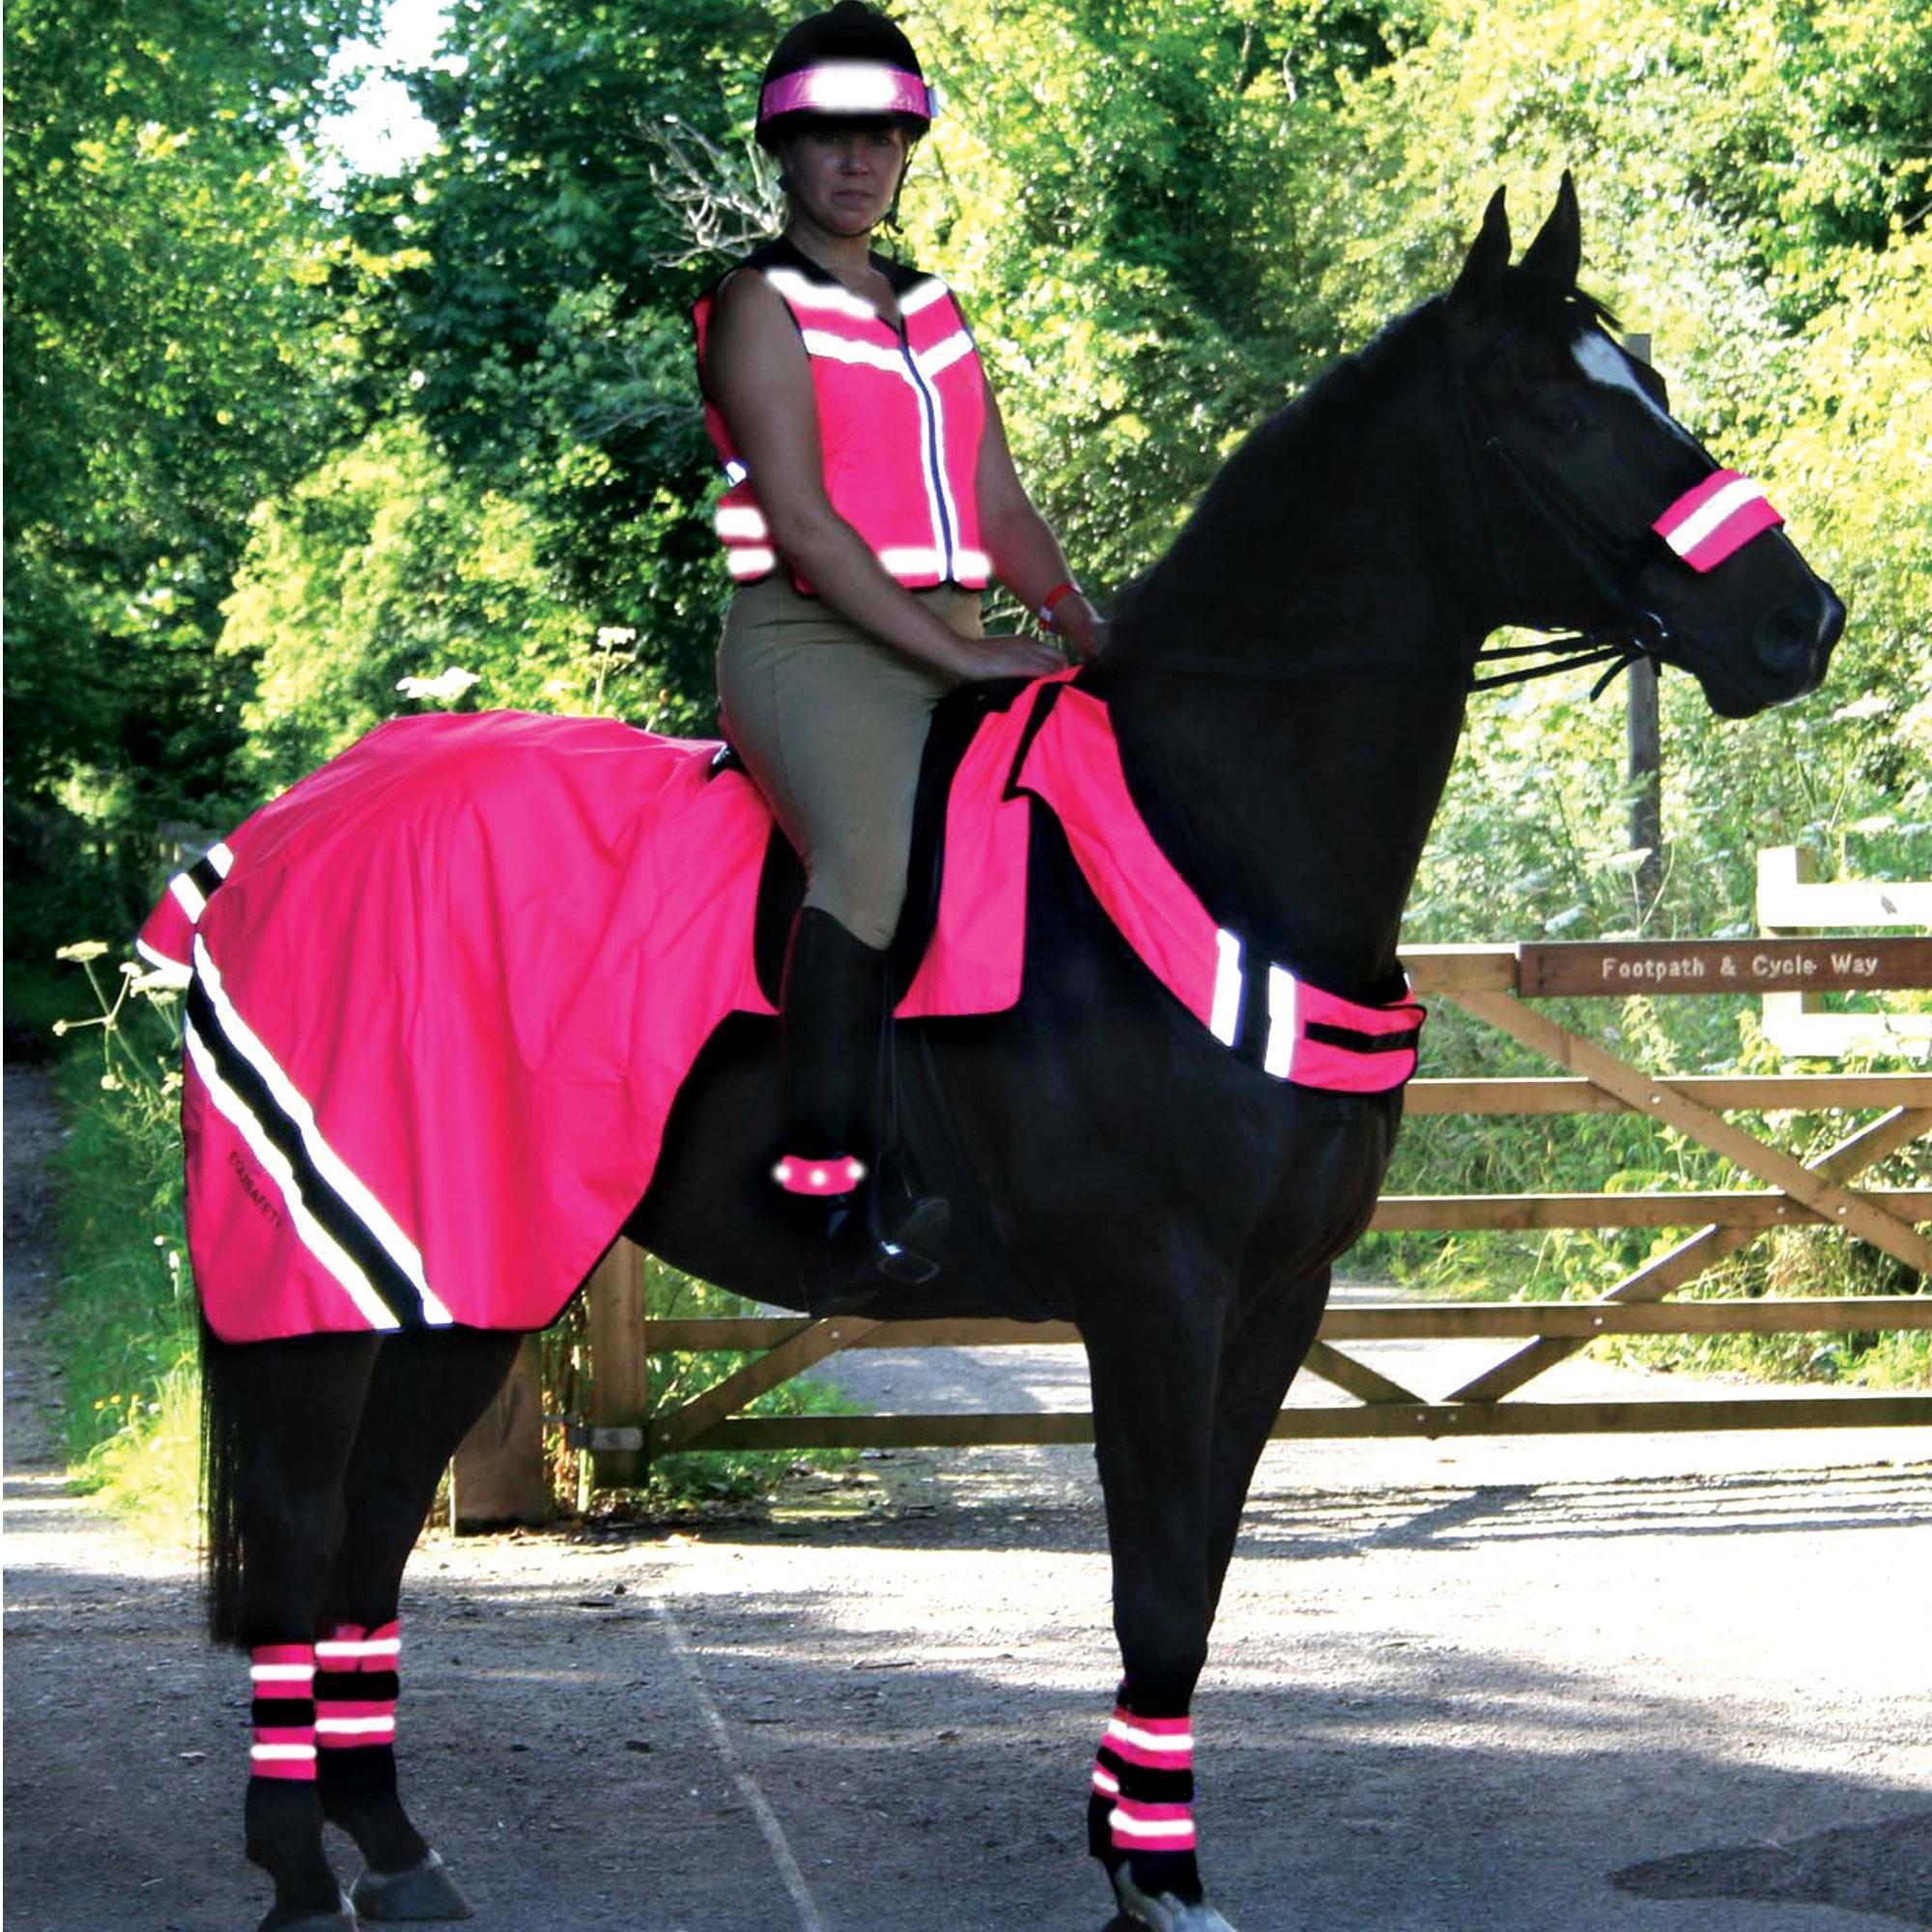 pink hi vis road rage